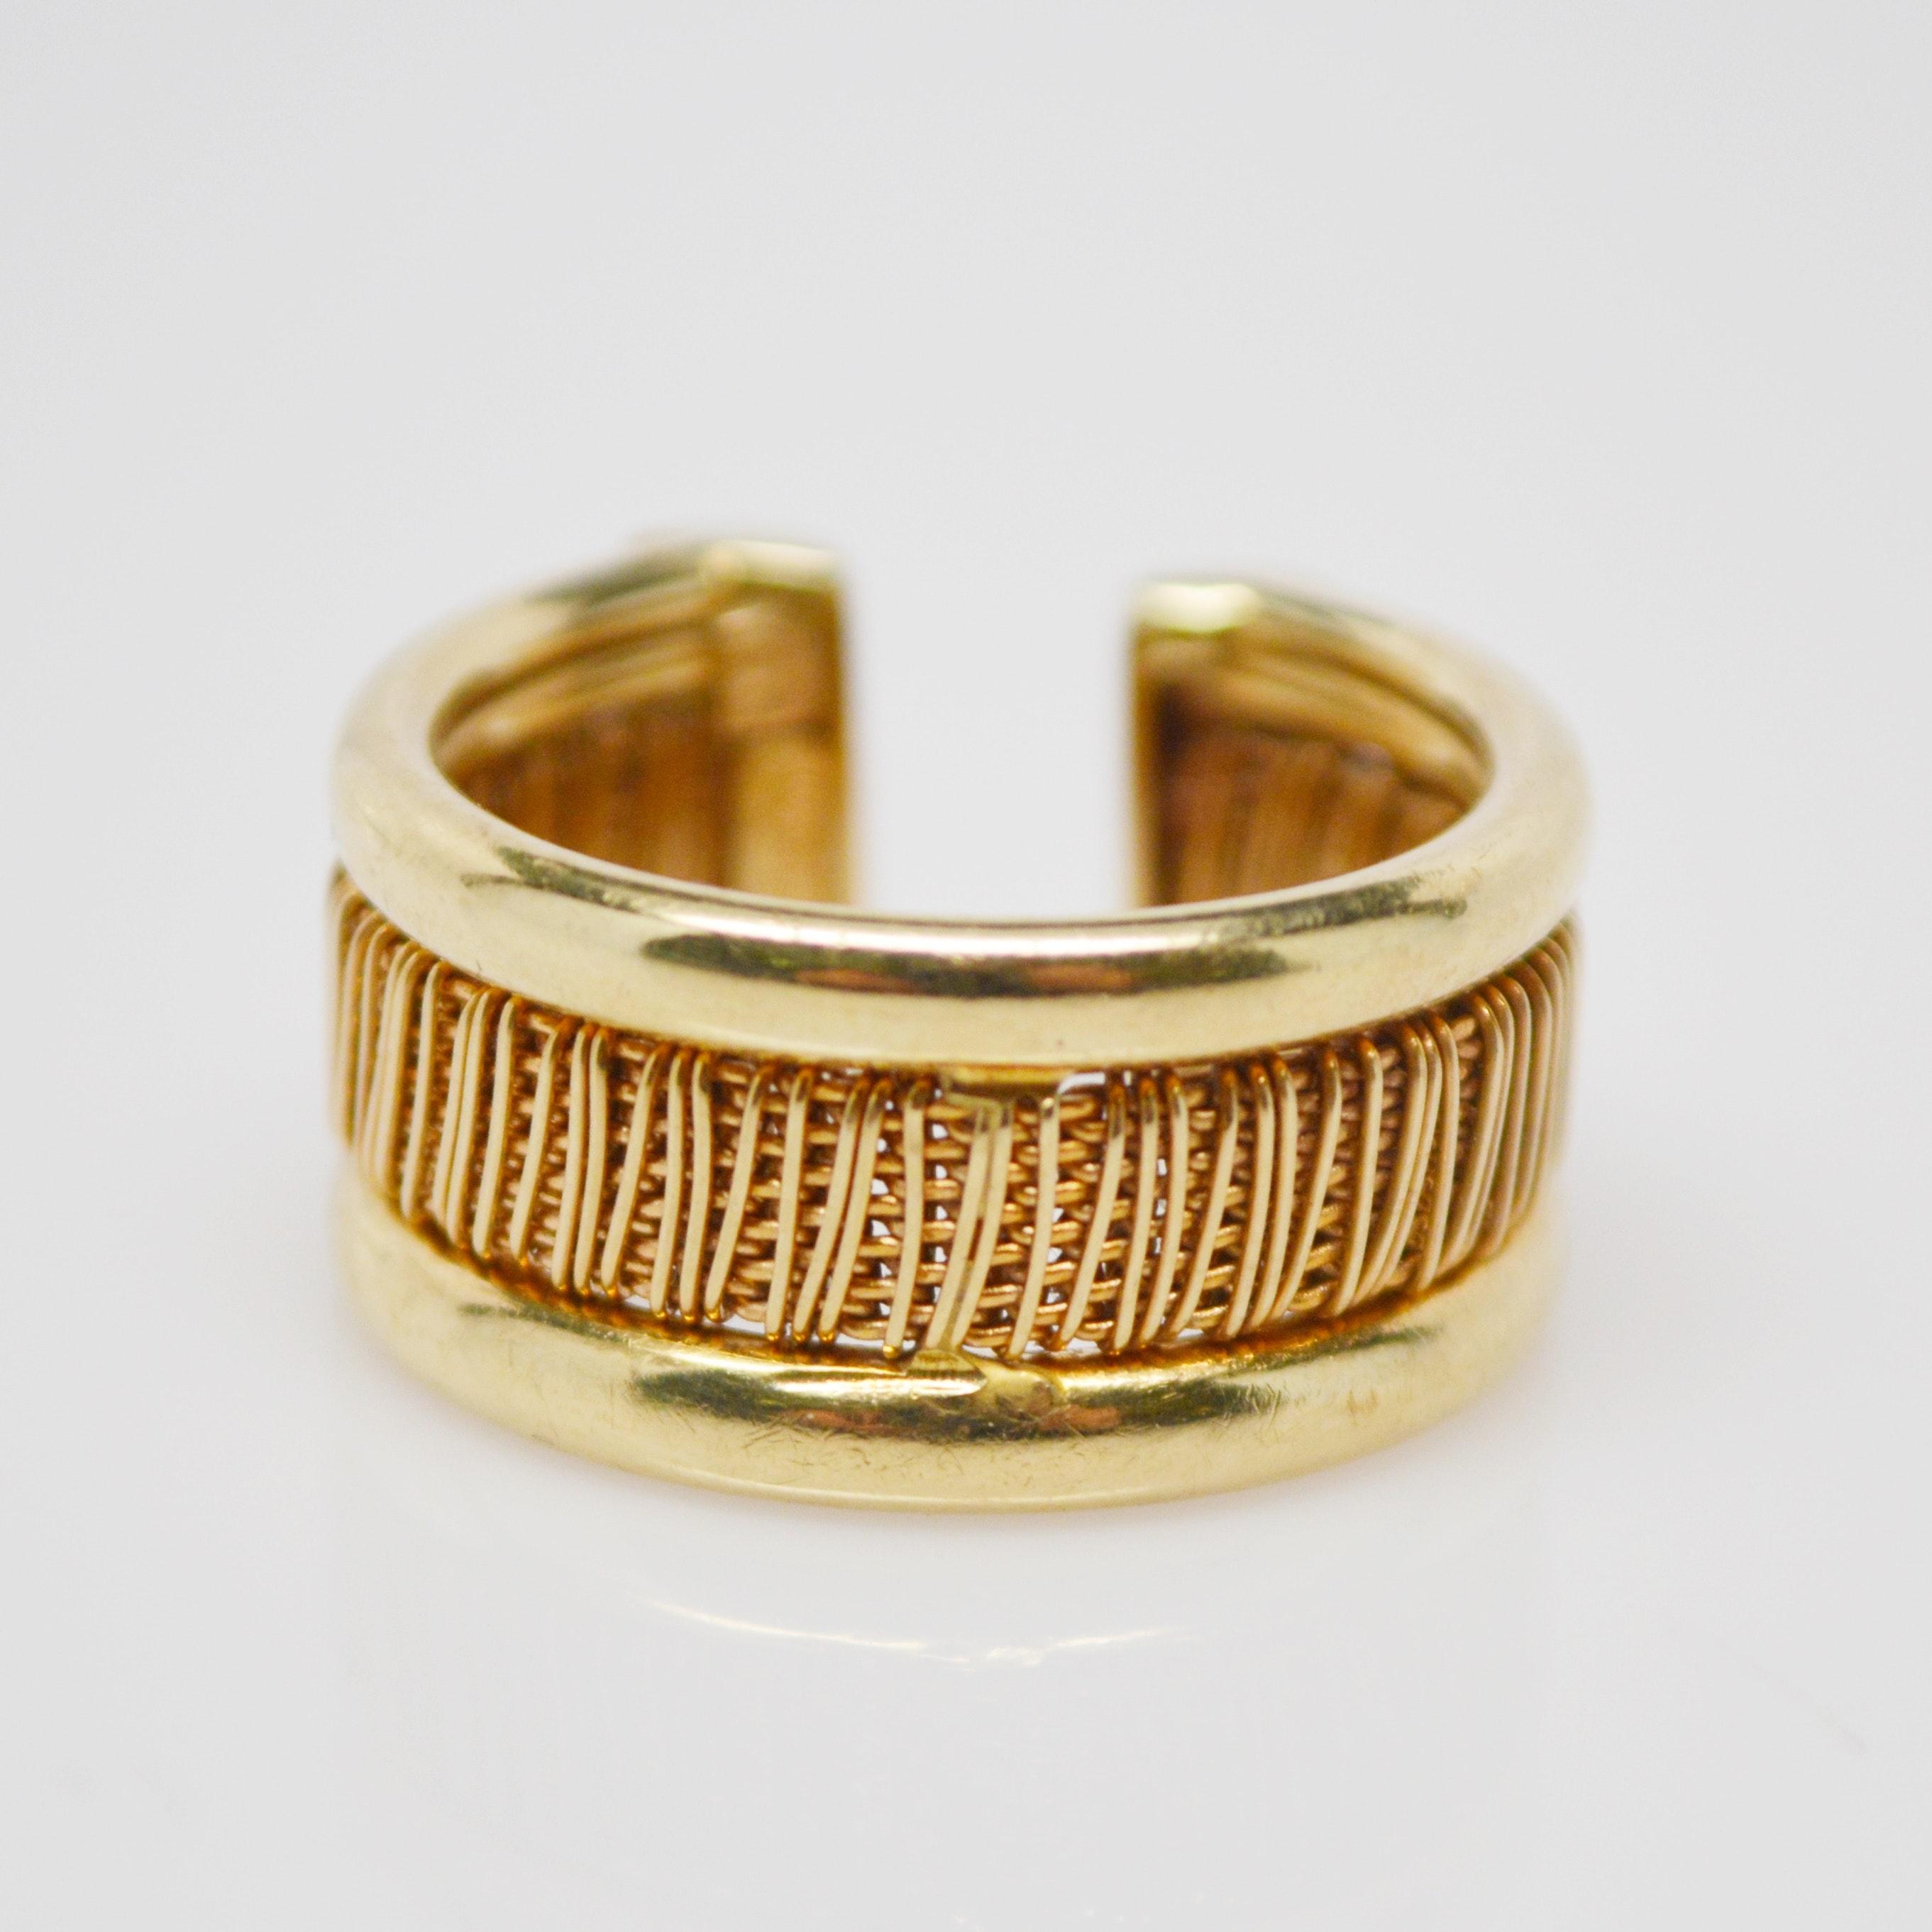 Italian 14K Yellow Gold Ring